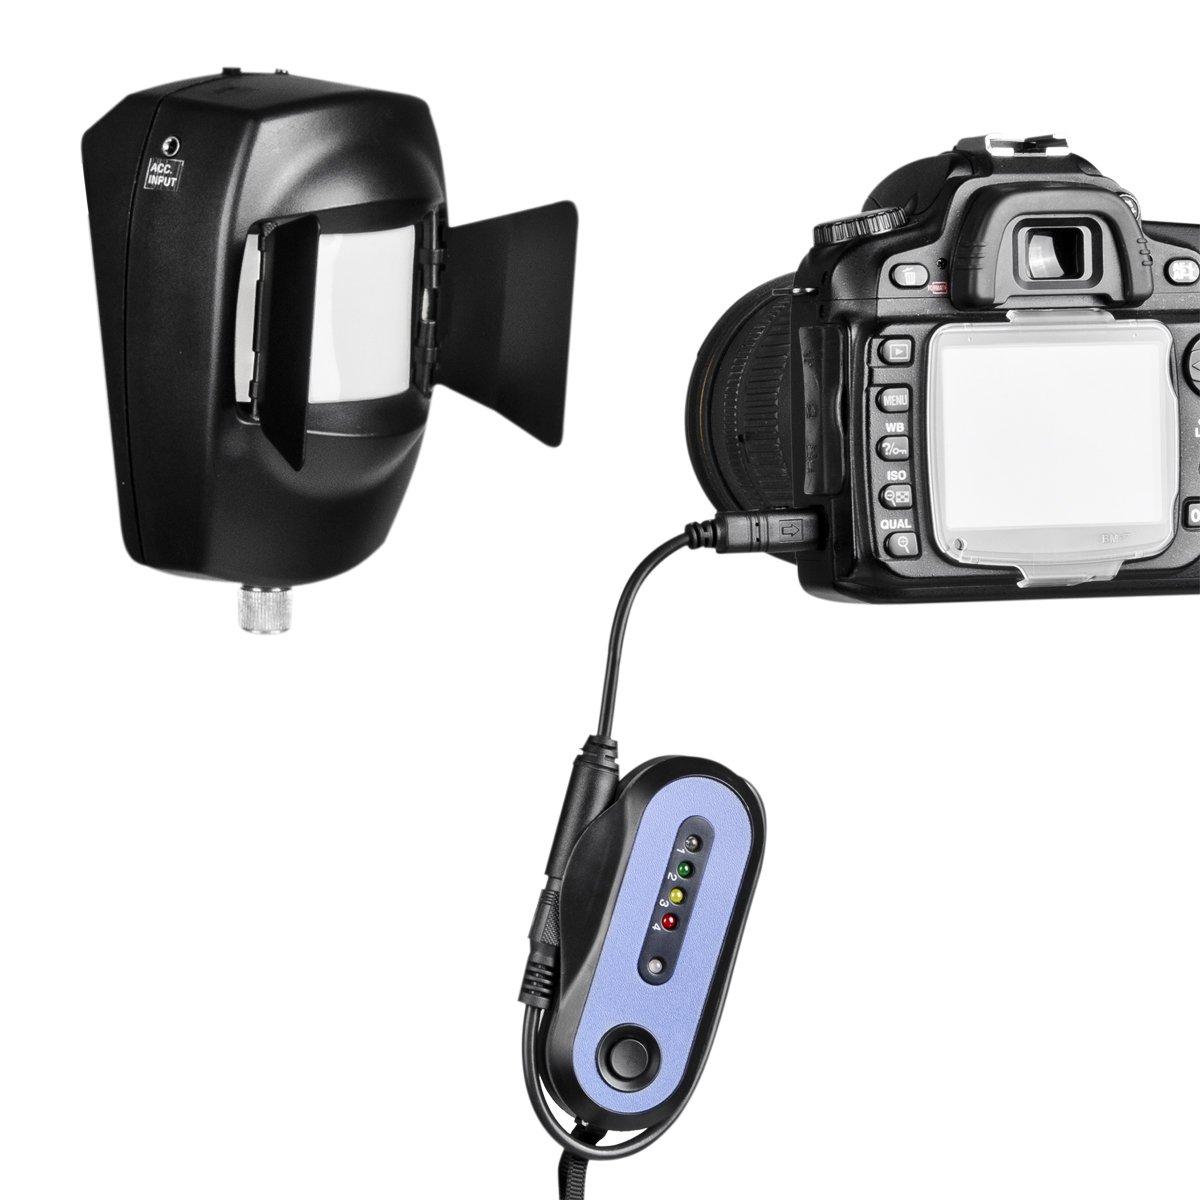 Walimex - Detector de movimiento para cámara réflex: Amazon.es: Electrónica